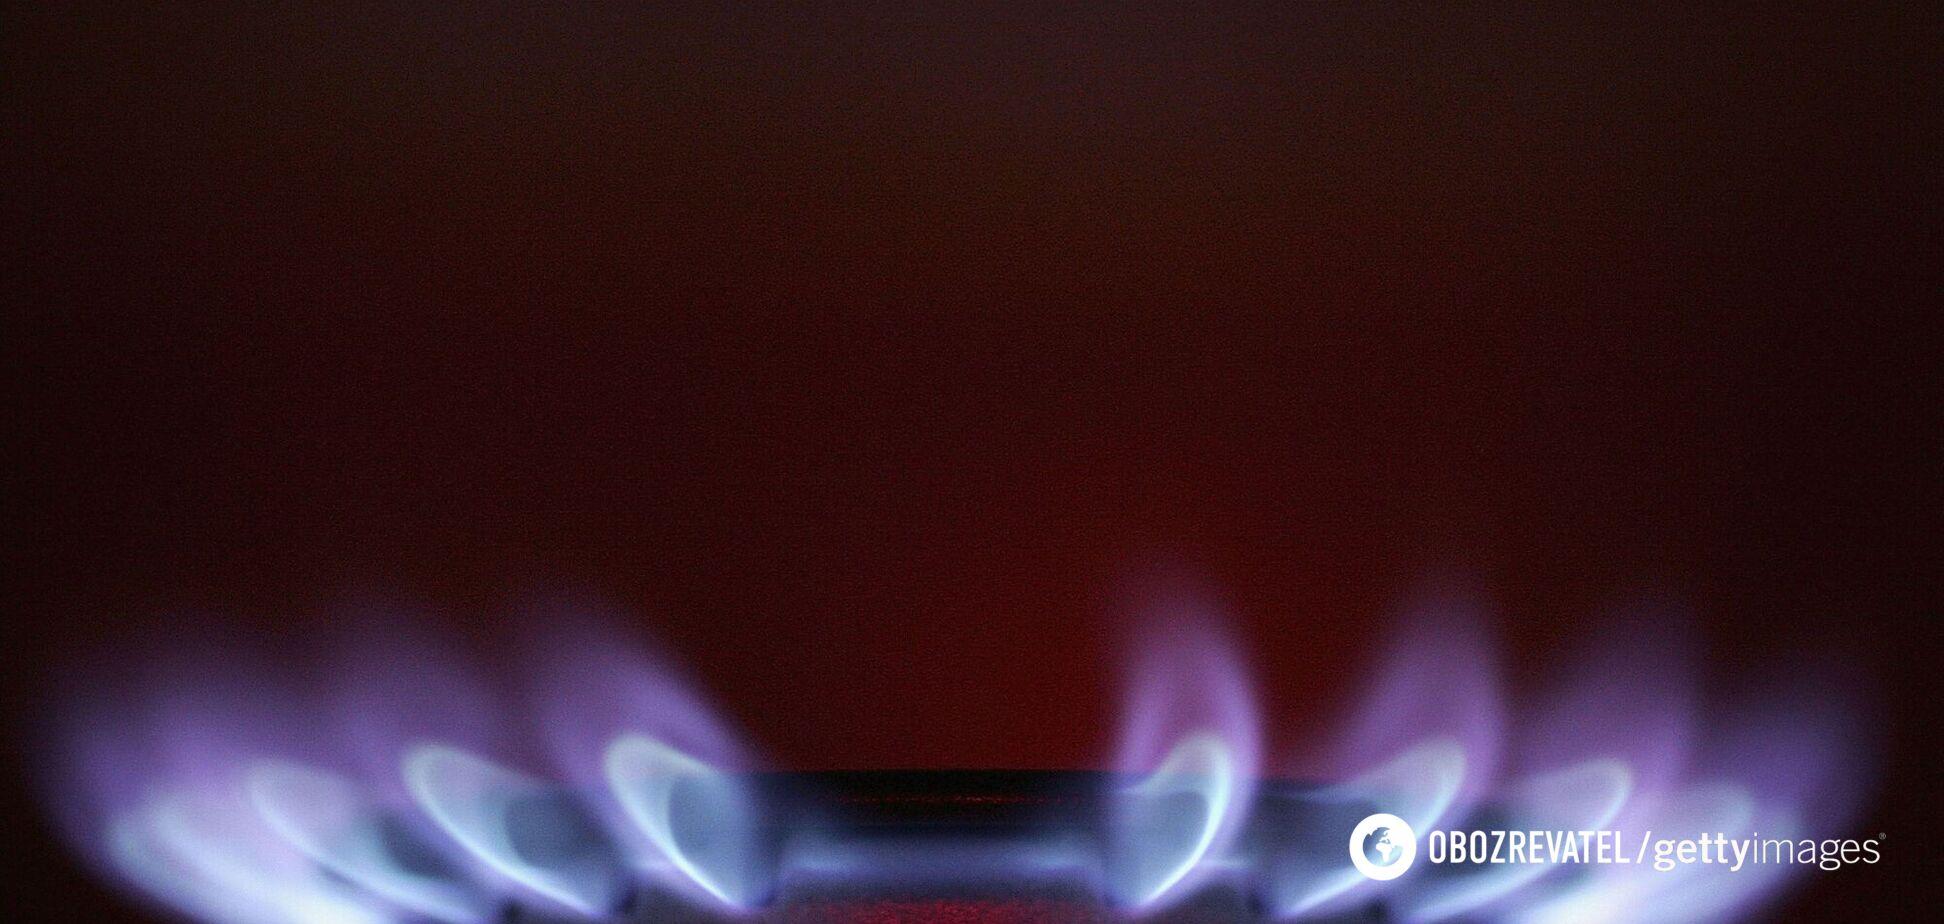 Спрощену процедуру зміни постачальника намагаються скасувати через суд – Нафтогаз